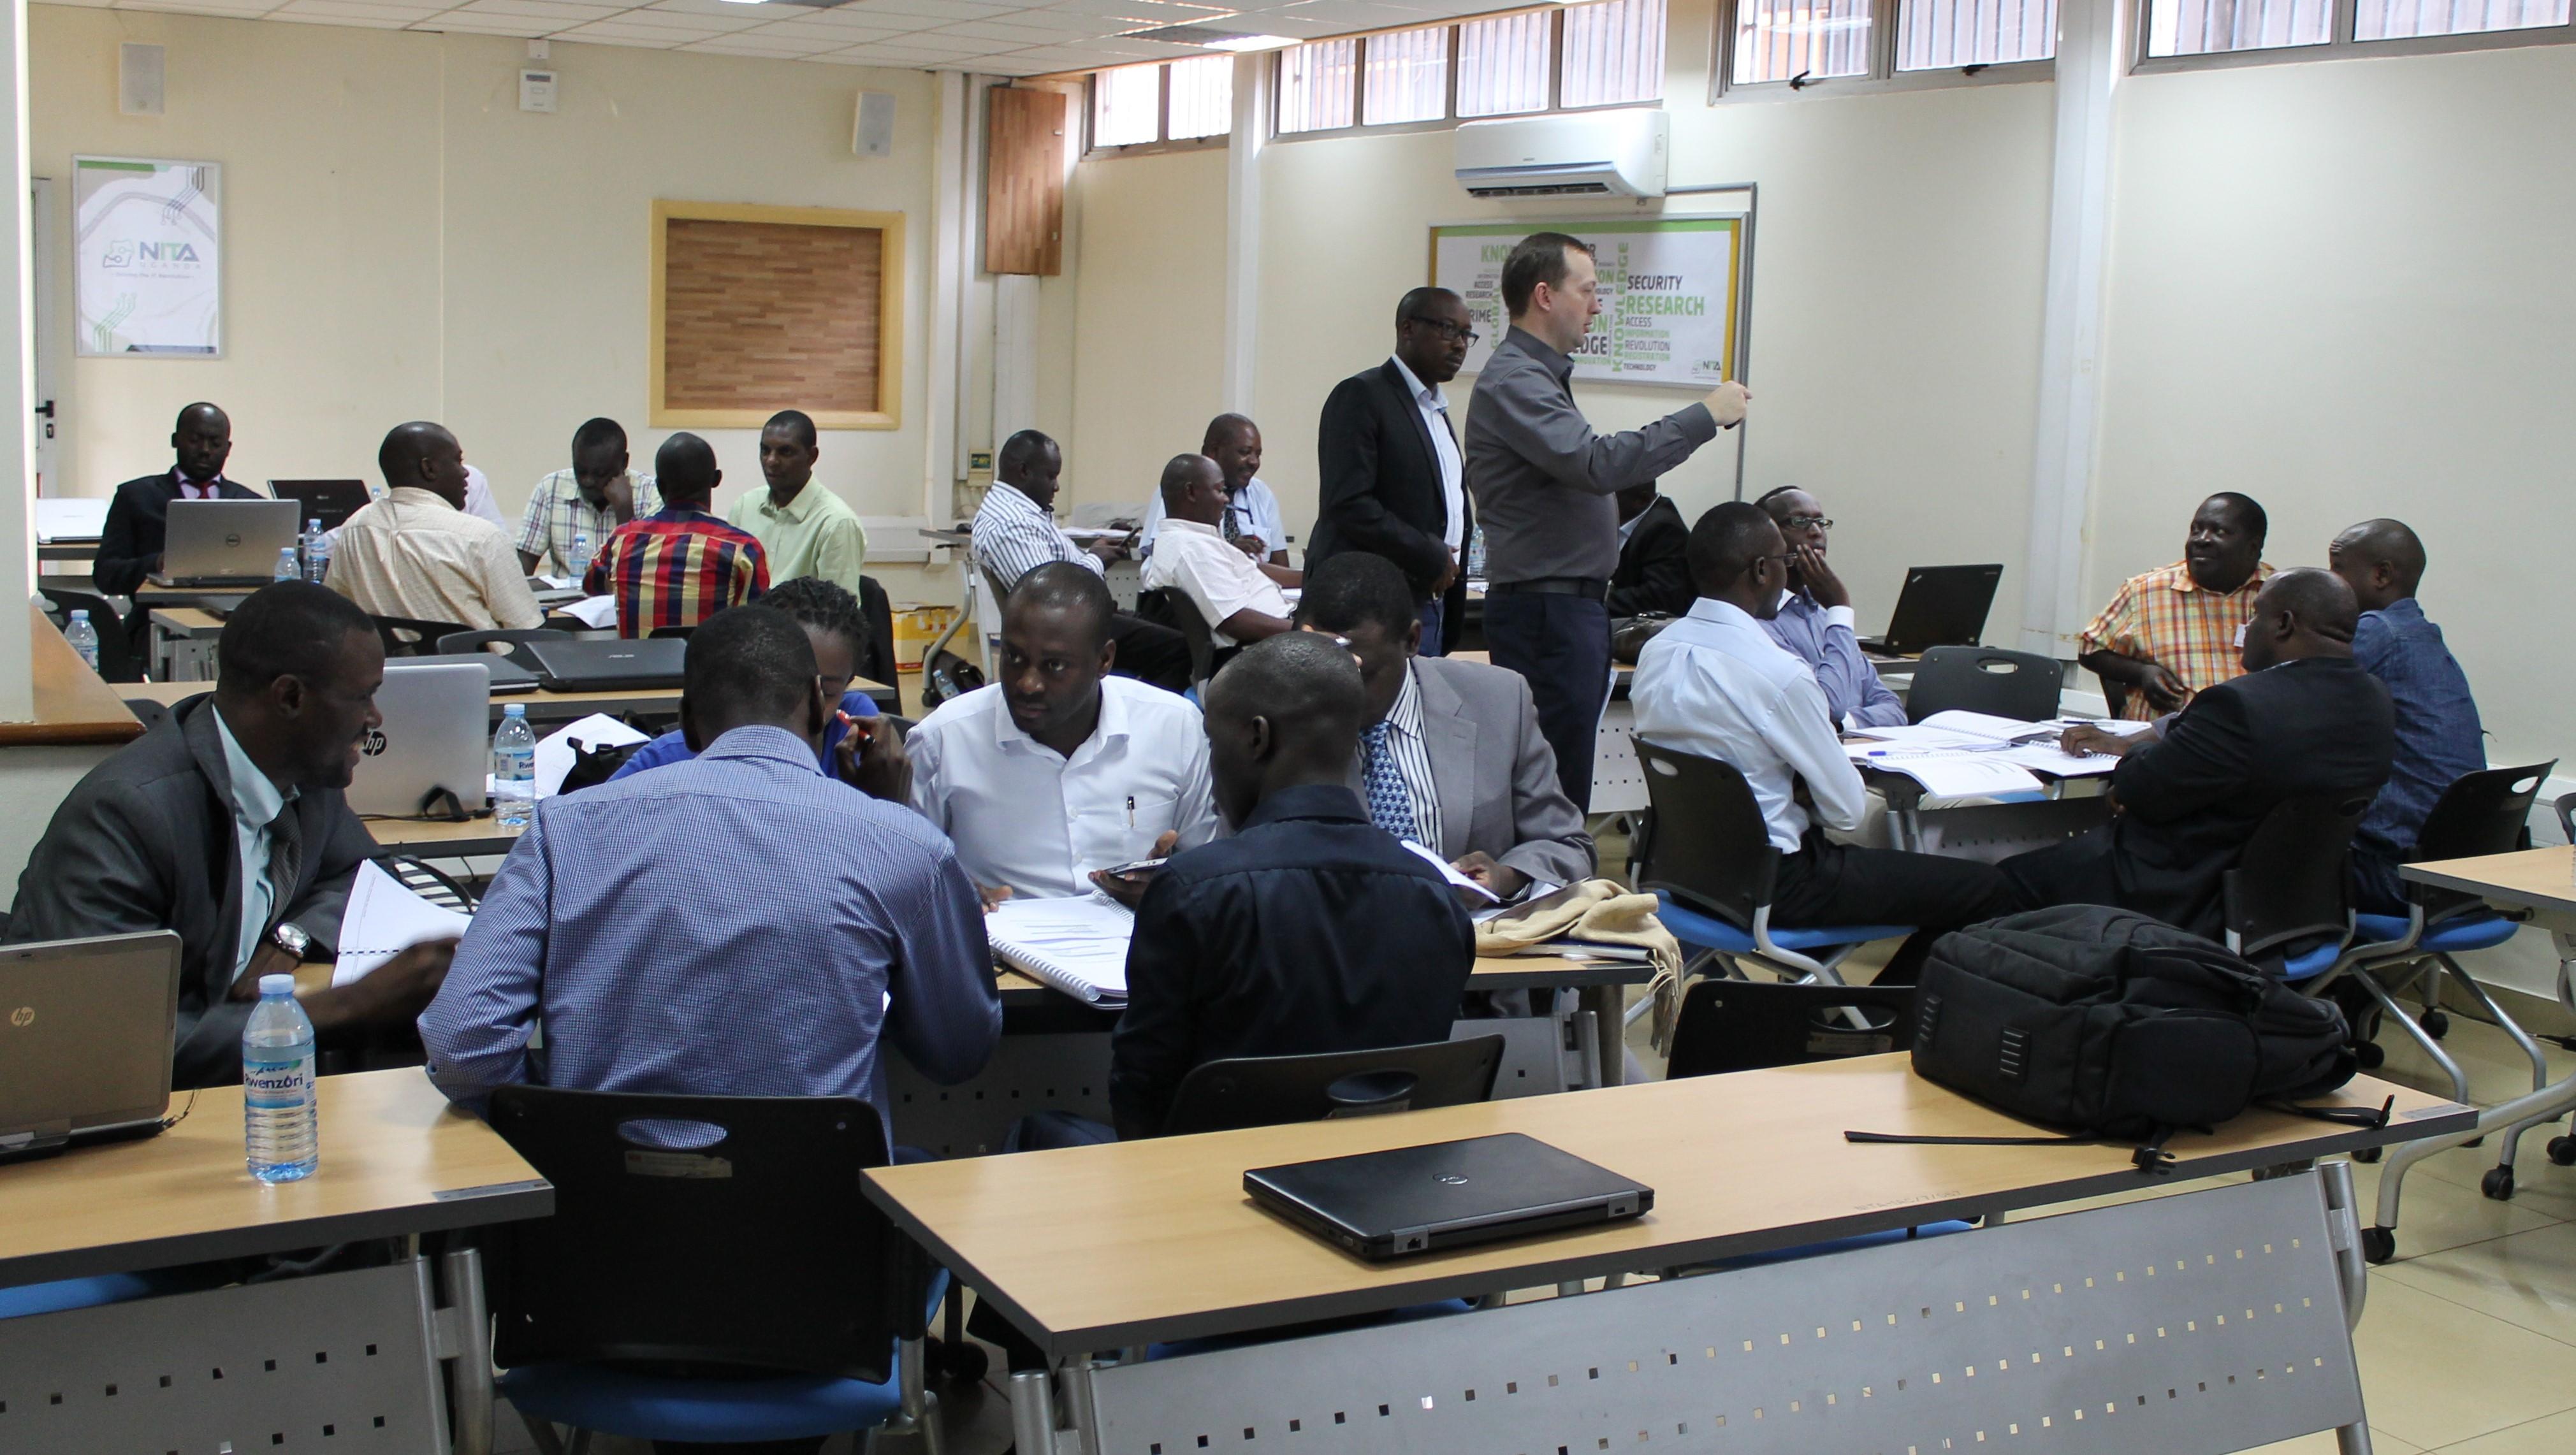 Kibernetinis saugumas: Rytų Afrikos organizacijos mokysis iš lietuvių